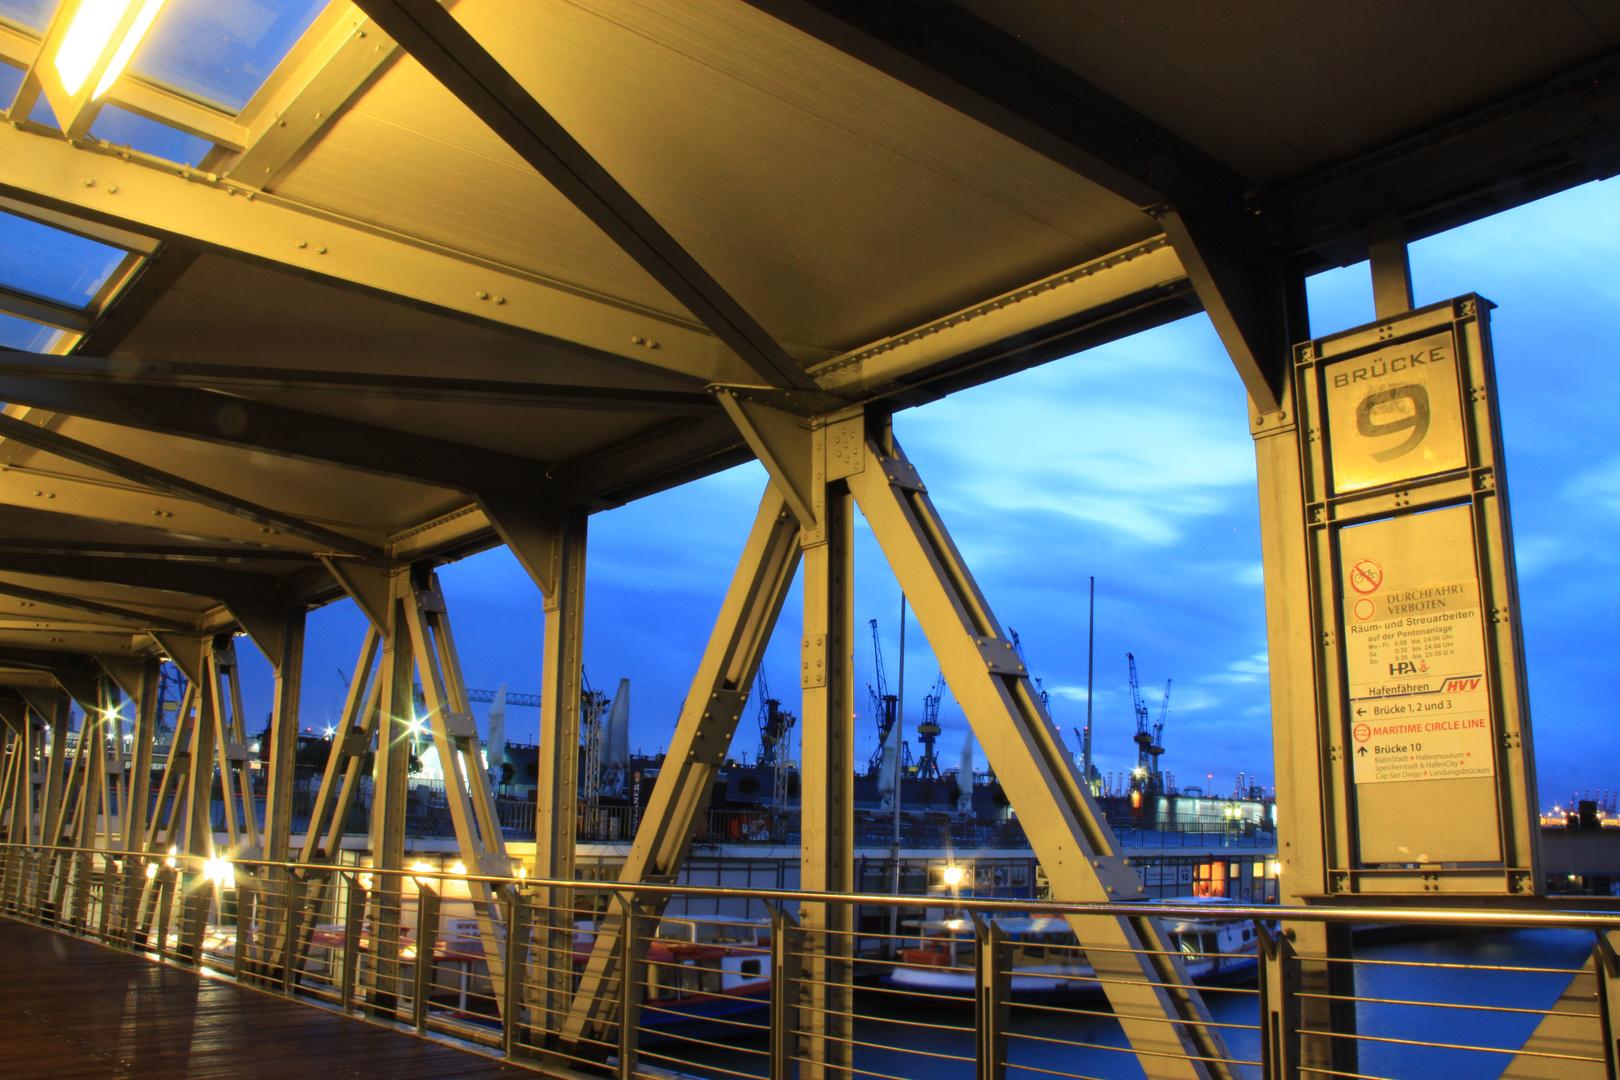 Brücke 9